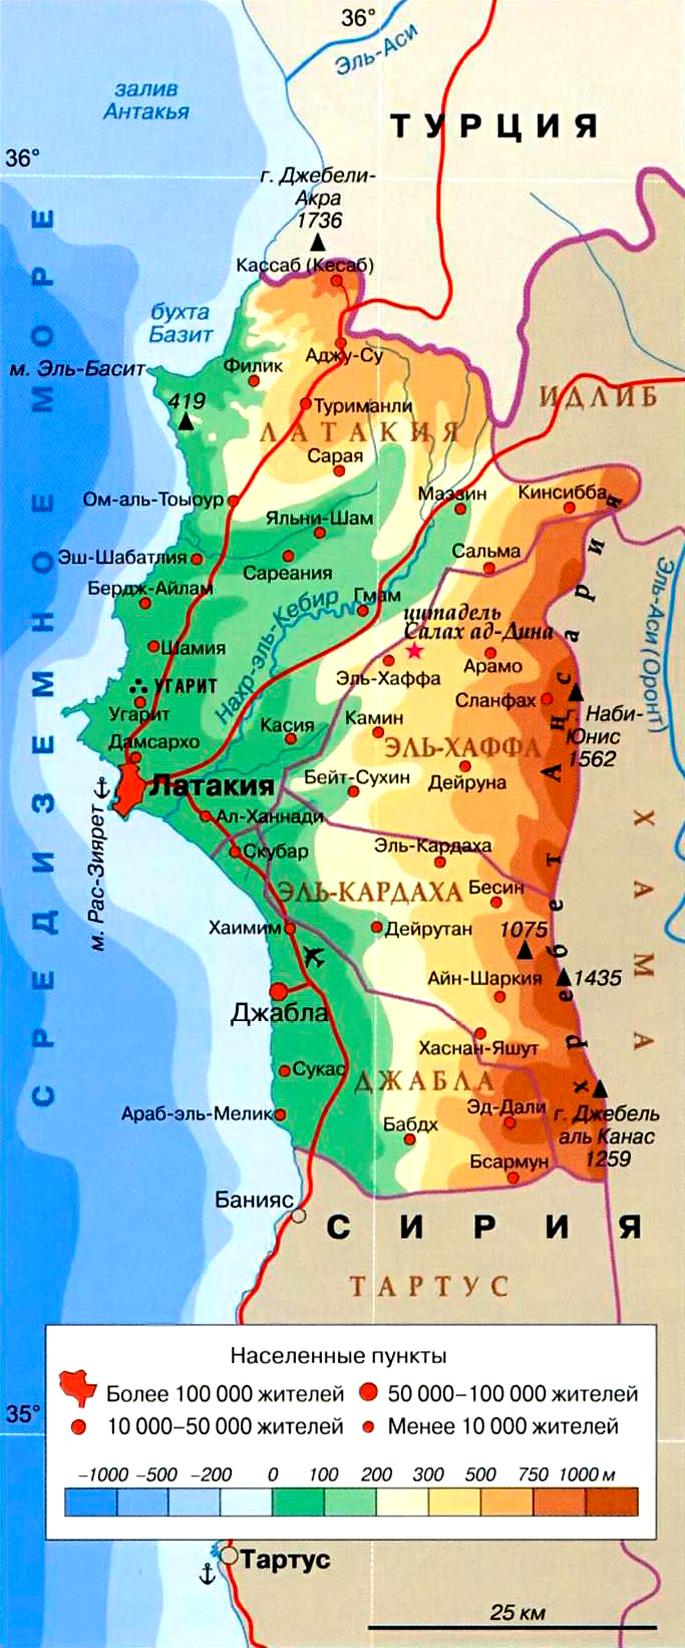 Мухафаза Латакия на карте